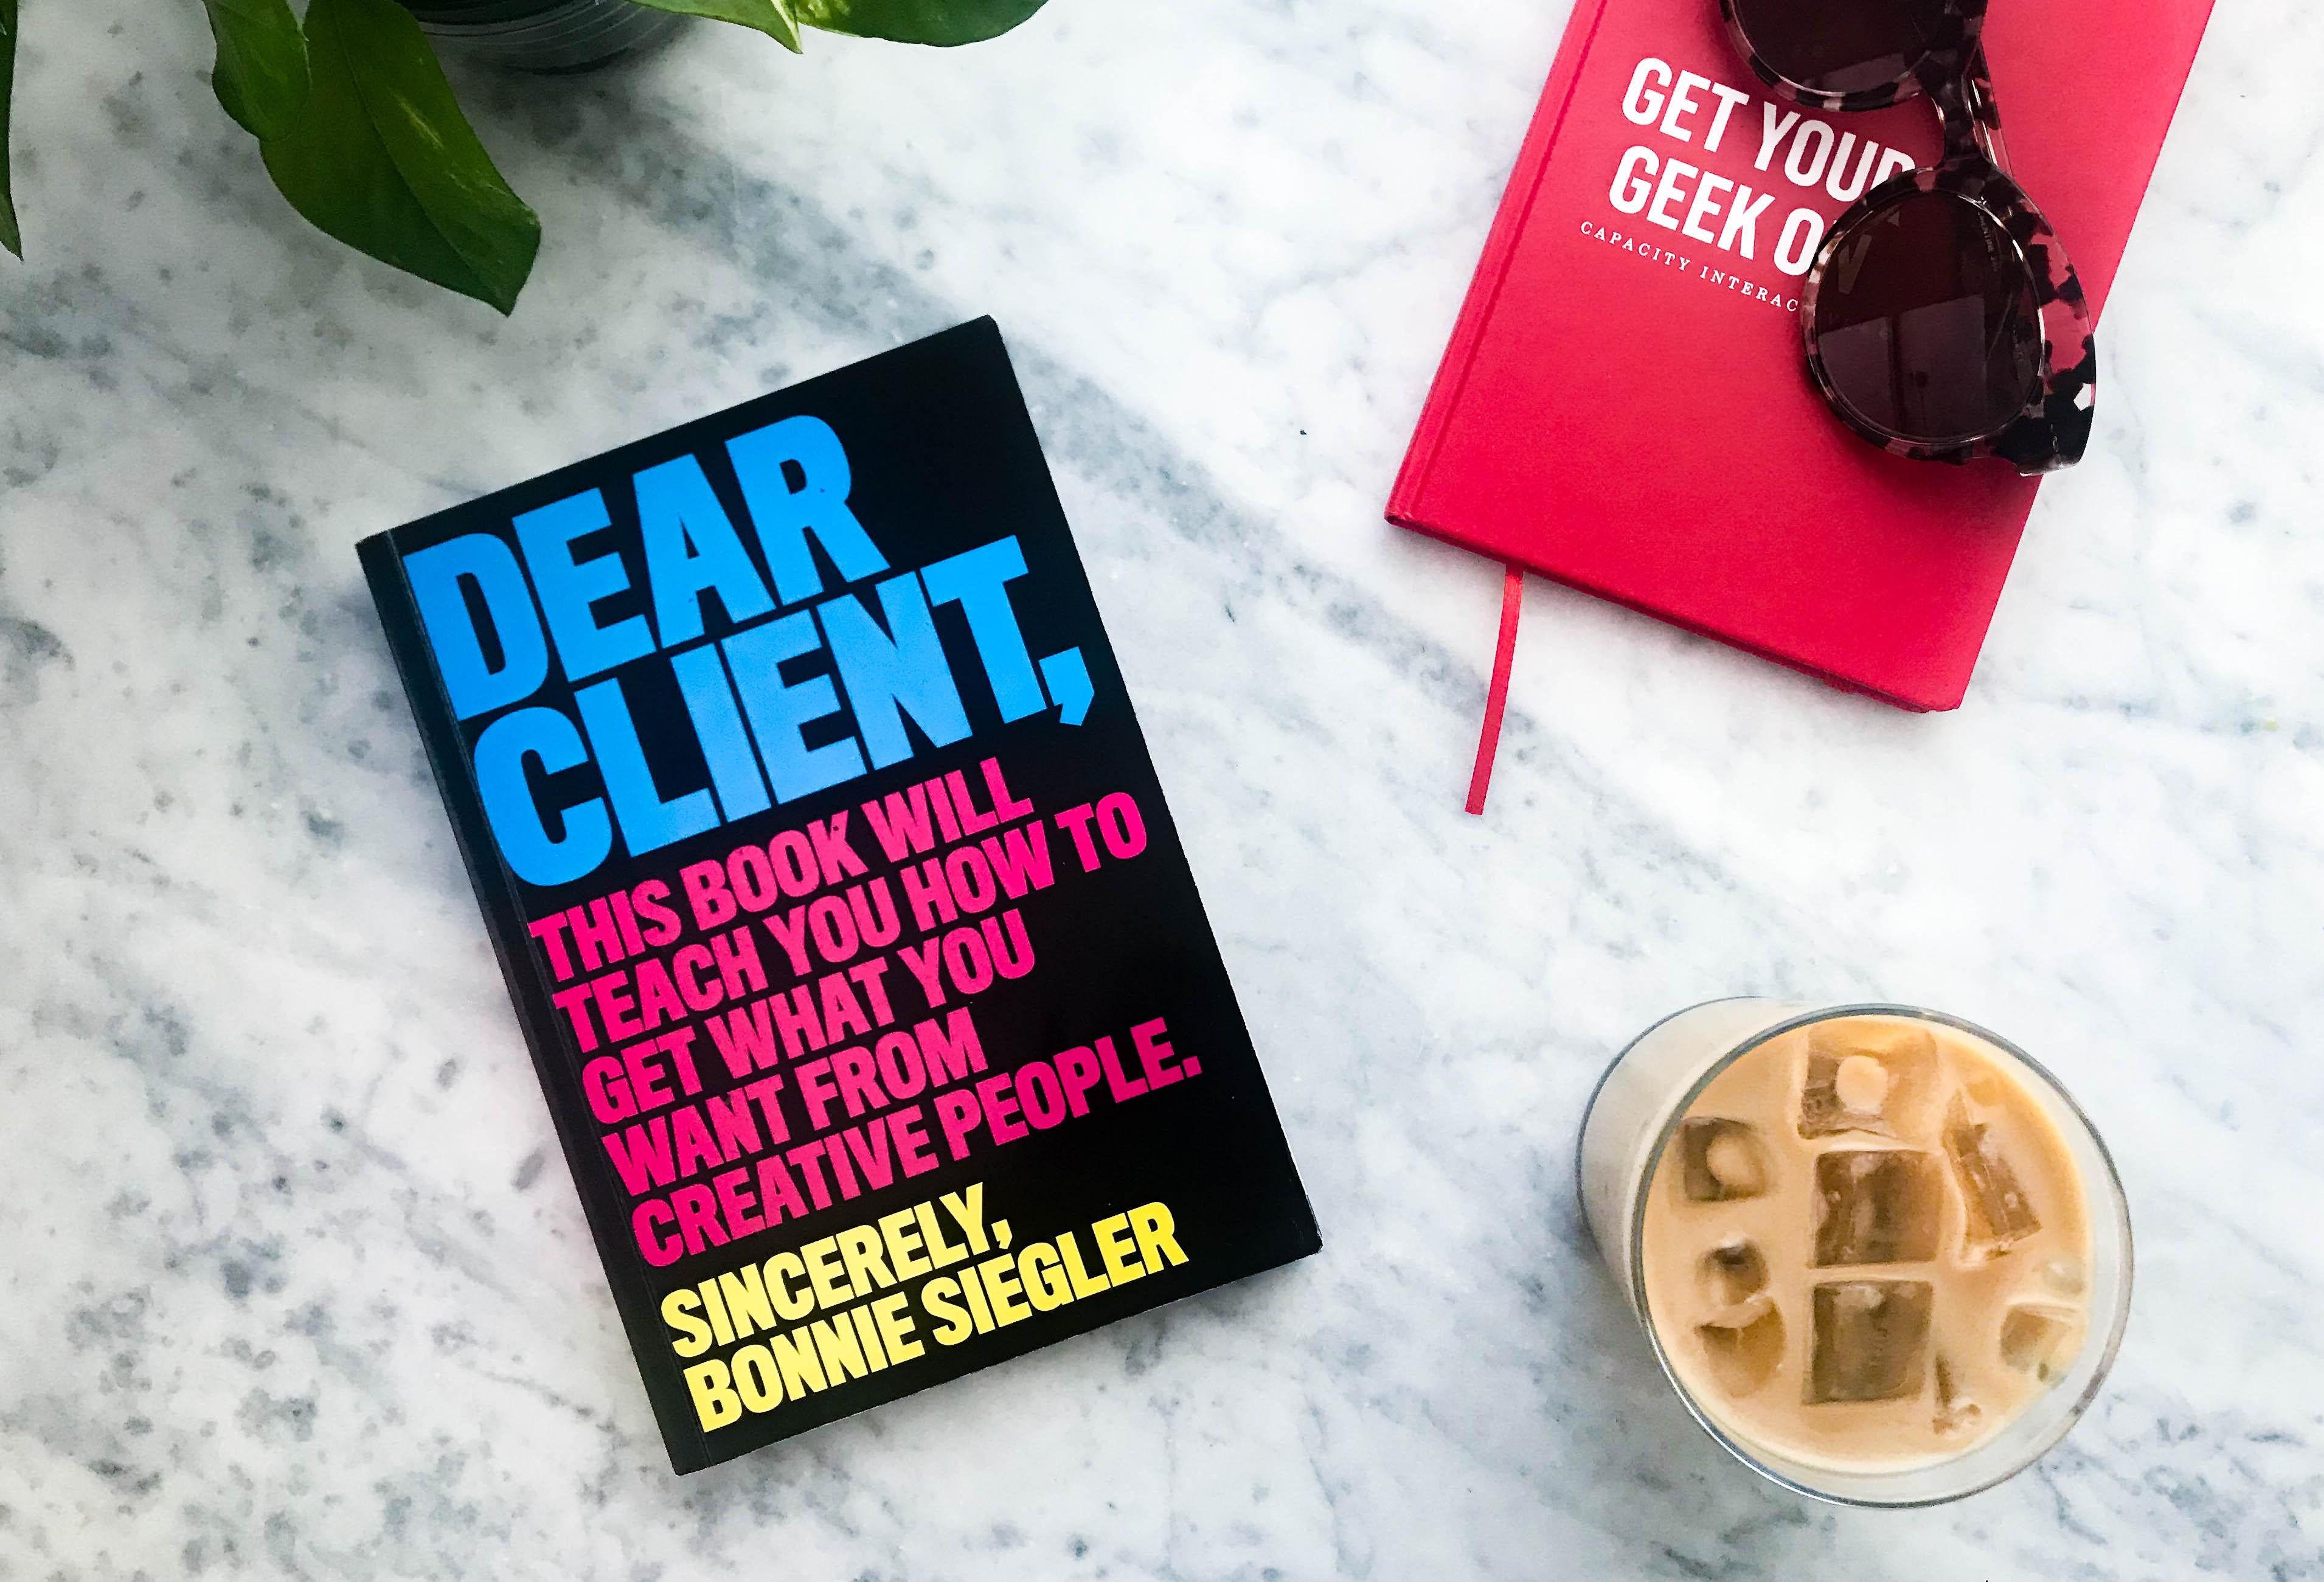 Dear Client Bonnie Siegler